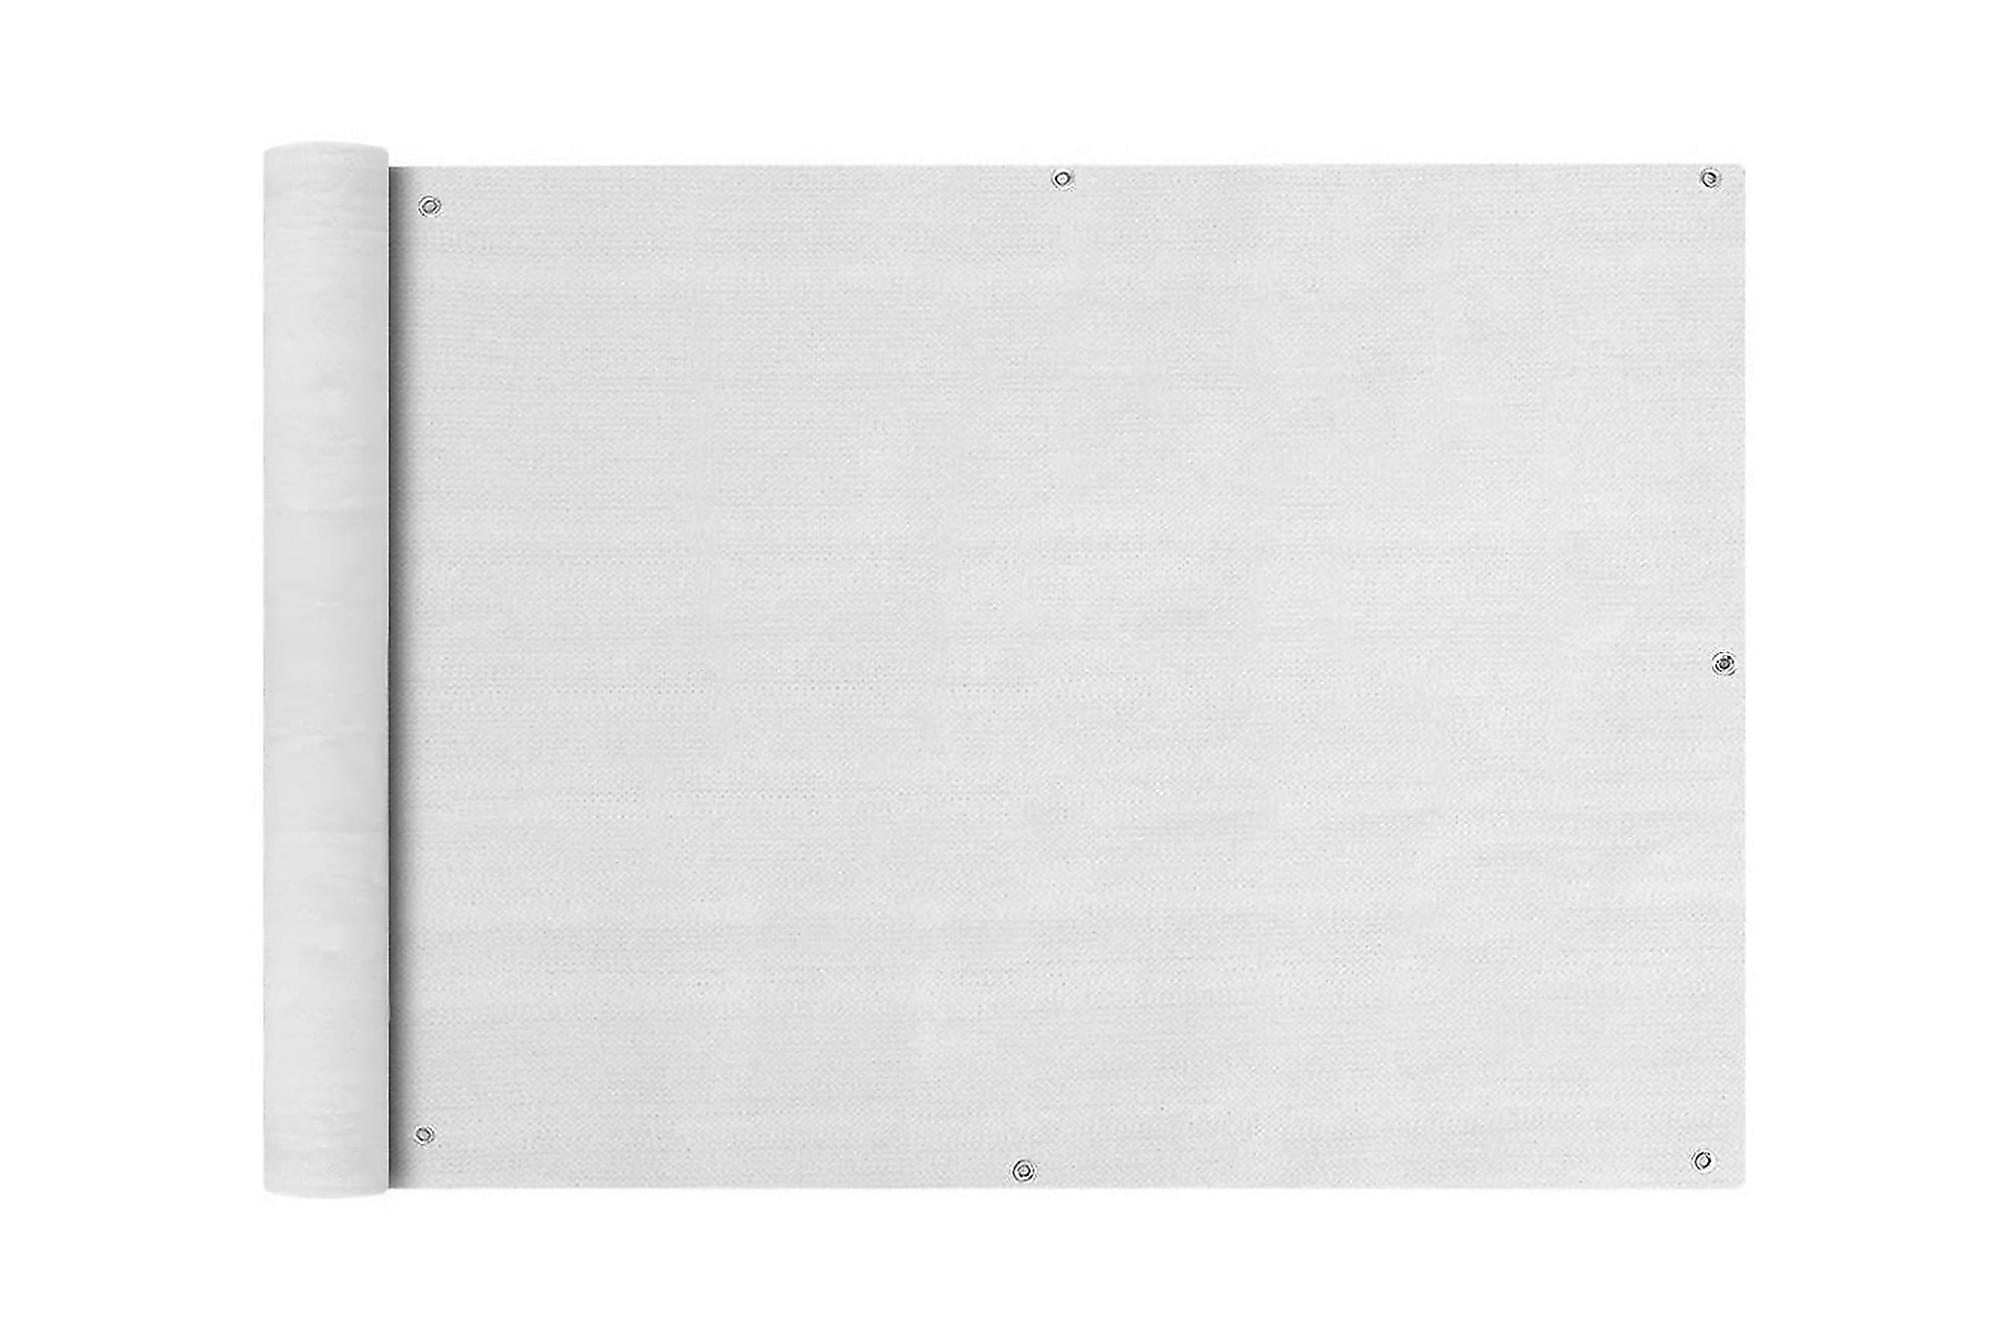 Balkongskärm HDPE 90 x 600 cm vit, Solskydd